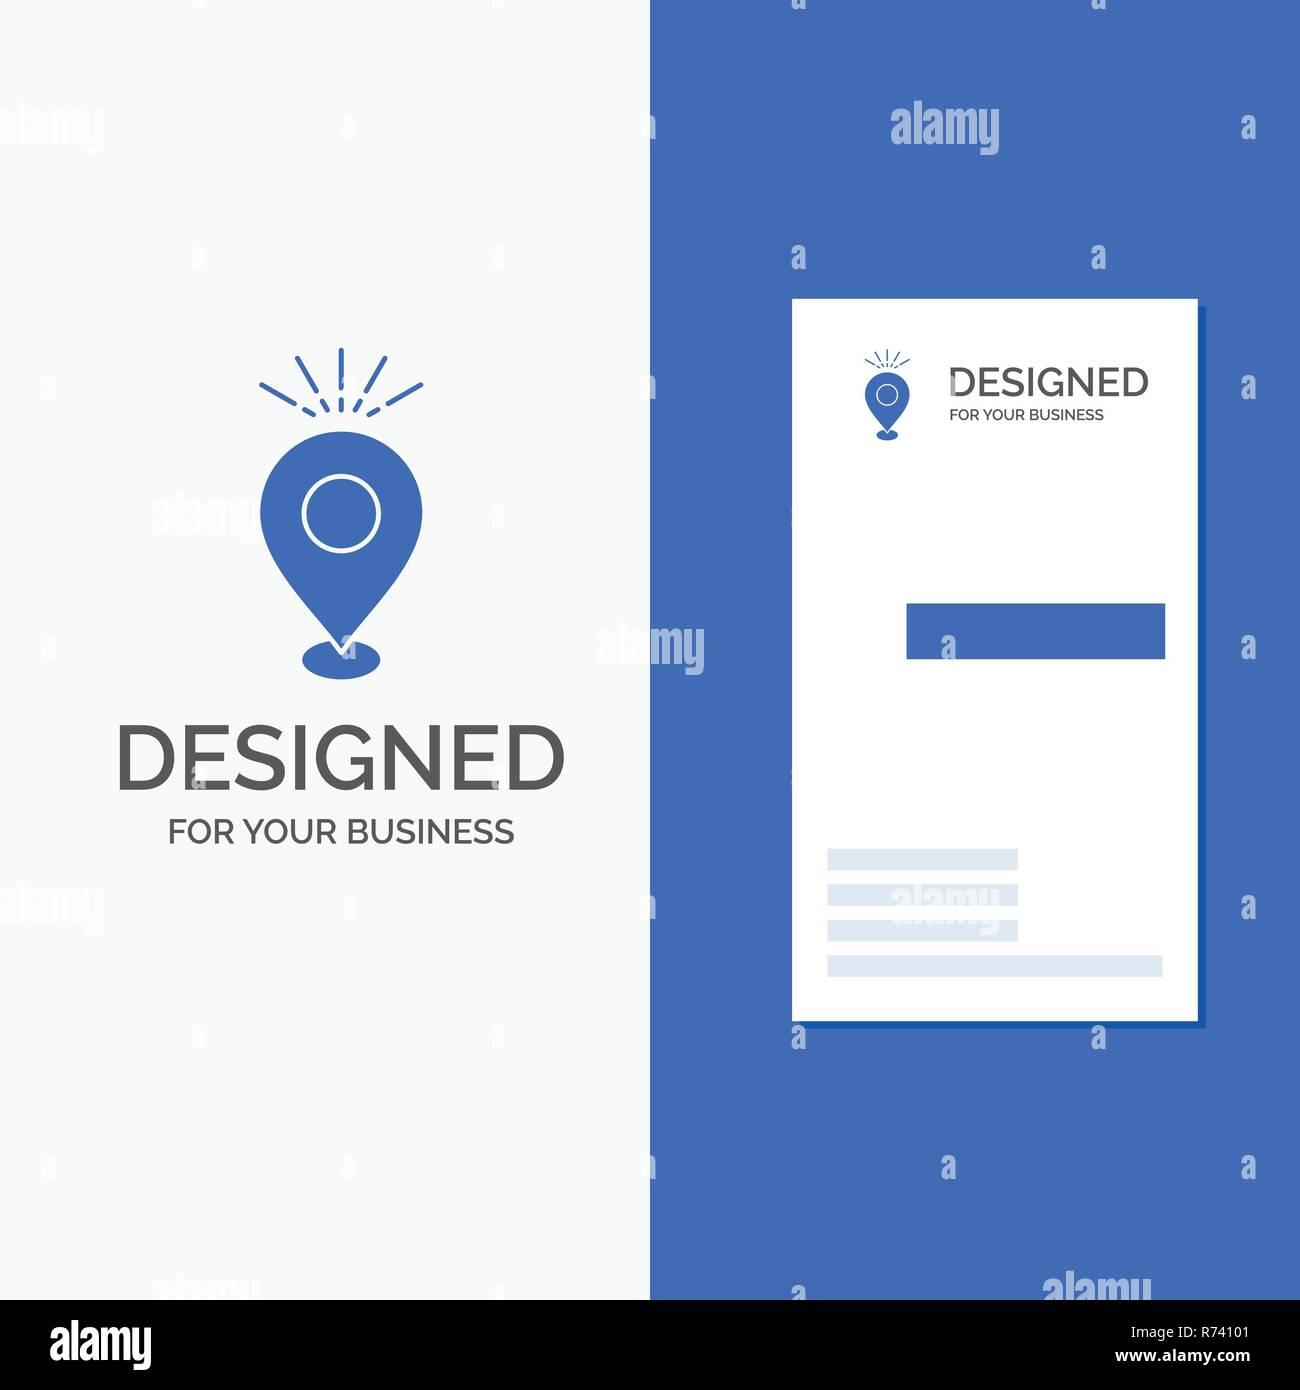 Logo Dentreprise Pour Lemplacement Broche Camping Maison De Vacances La Carte Bleu Vertical Affaires Modele Visite